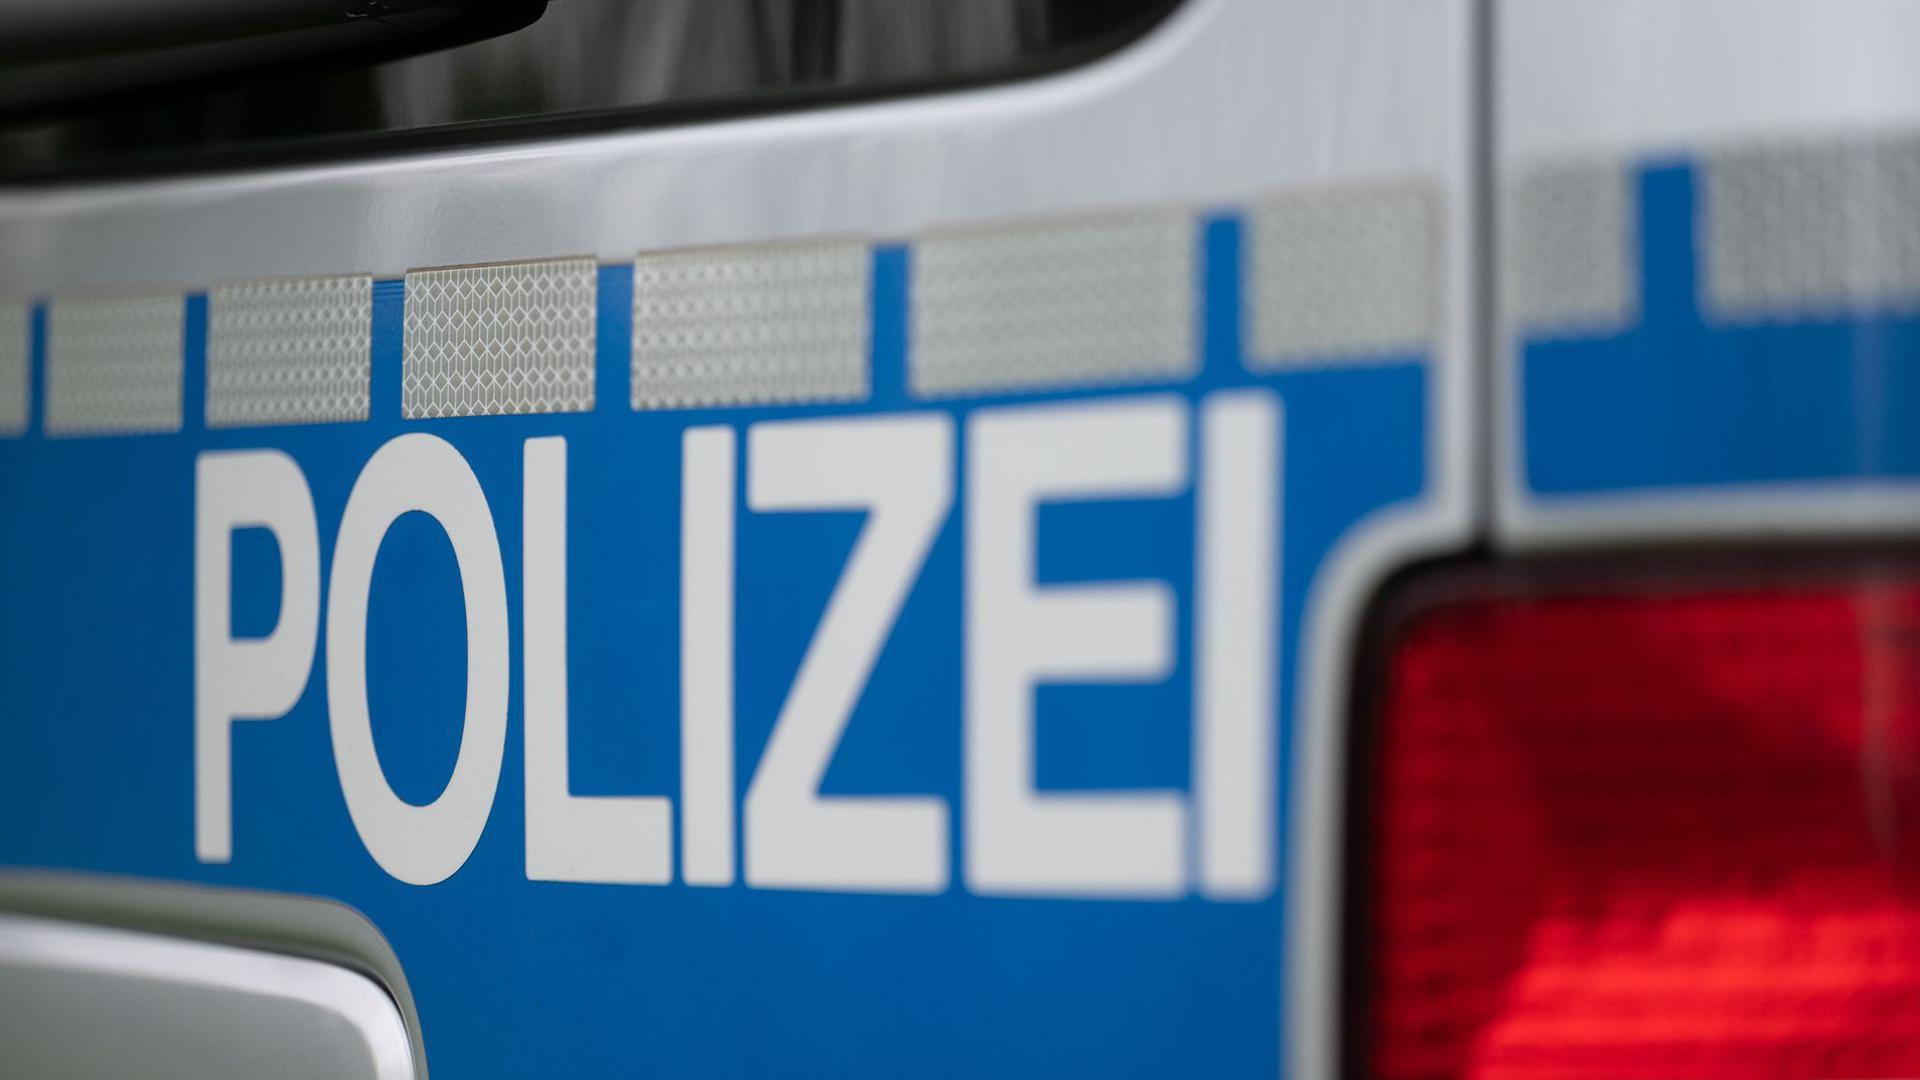 In der Nacht zum Samstag haben Randalierer in der Pforzheimer Innenstadt Fenster eingeschlagen und Mobiliar beschädigt. (Symbolbild)